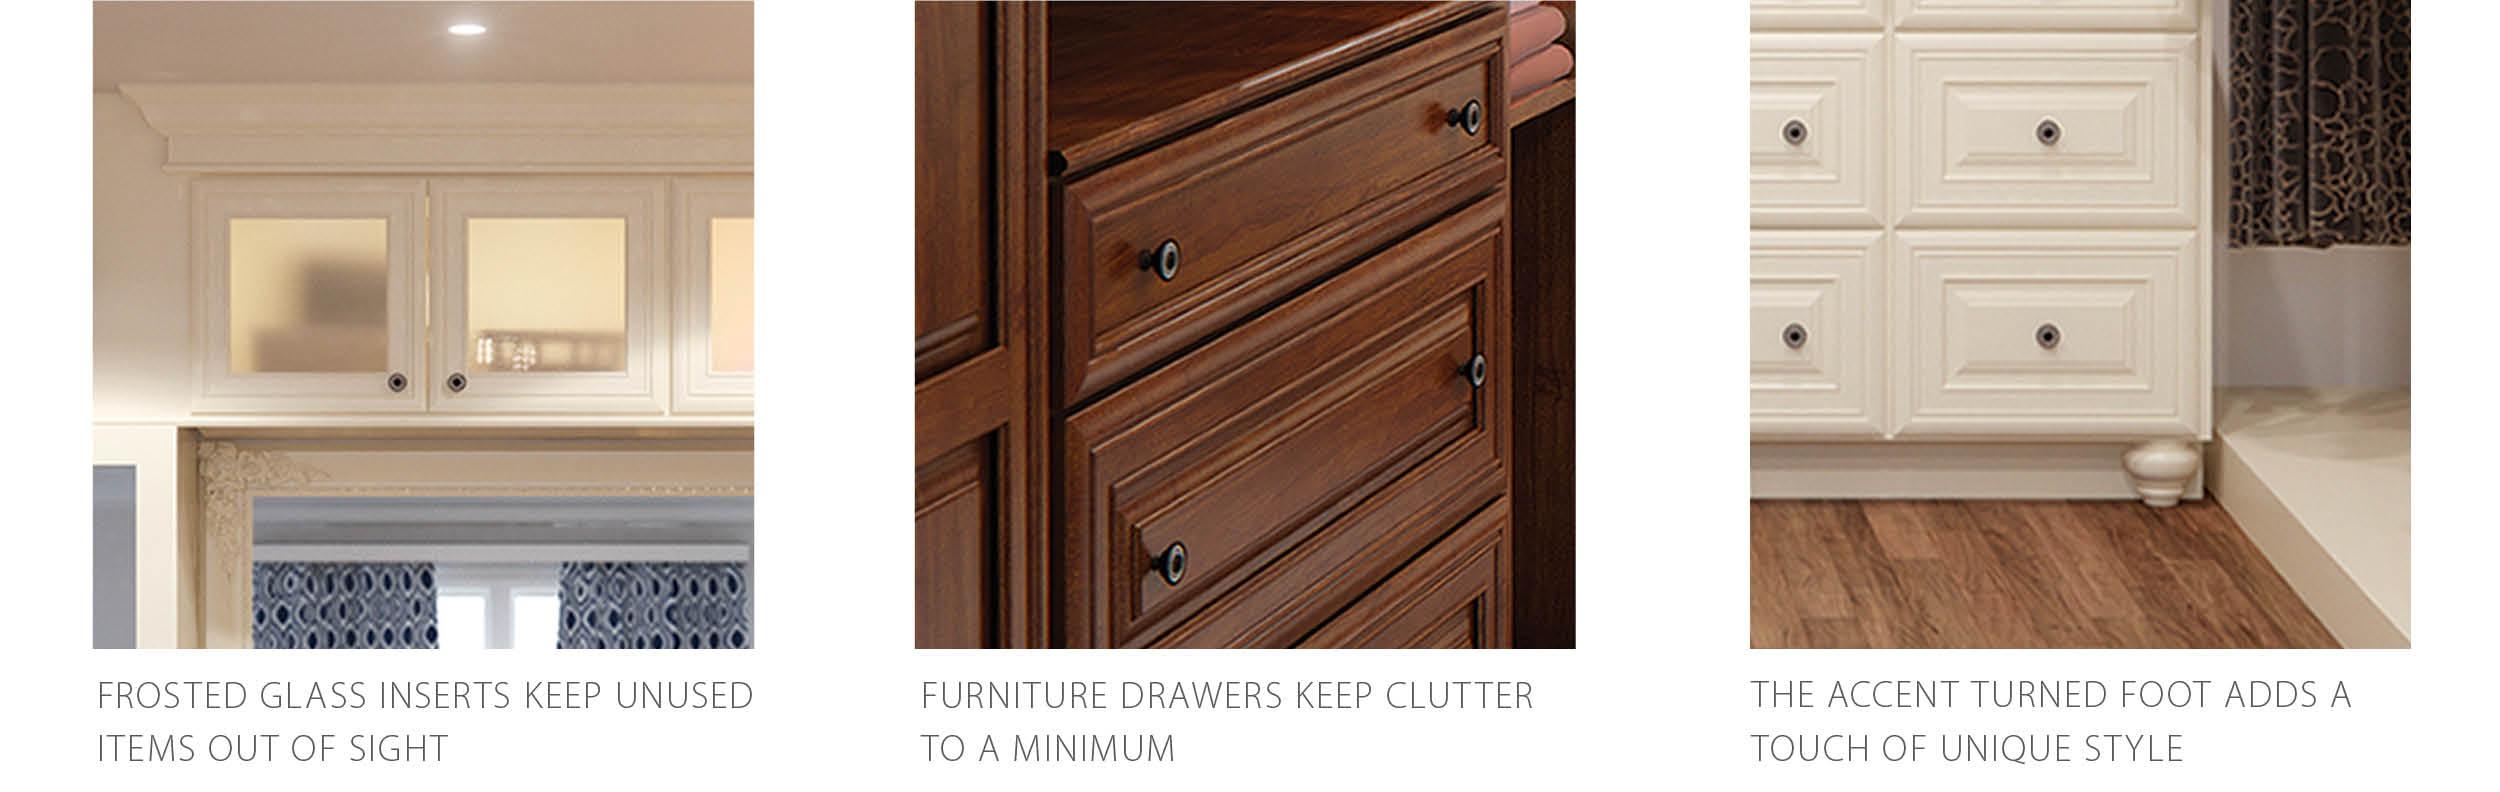 Closet details: